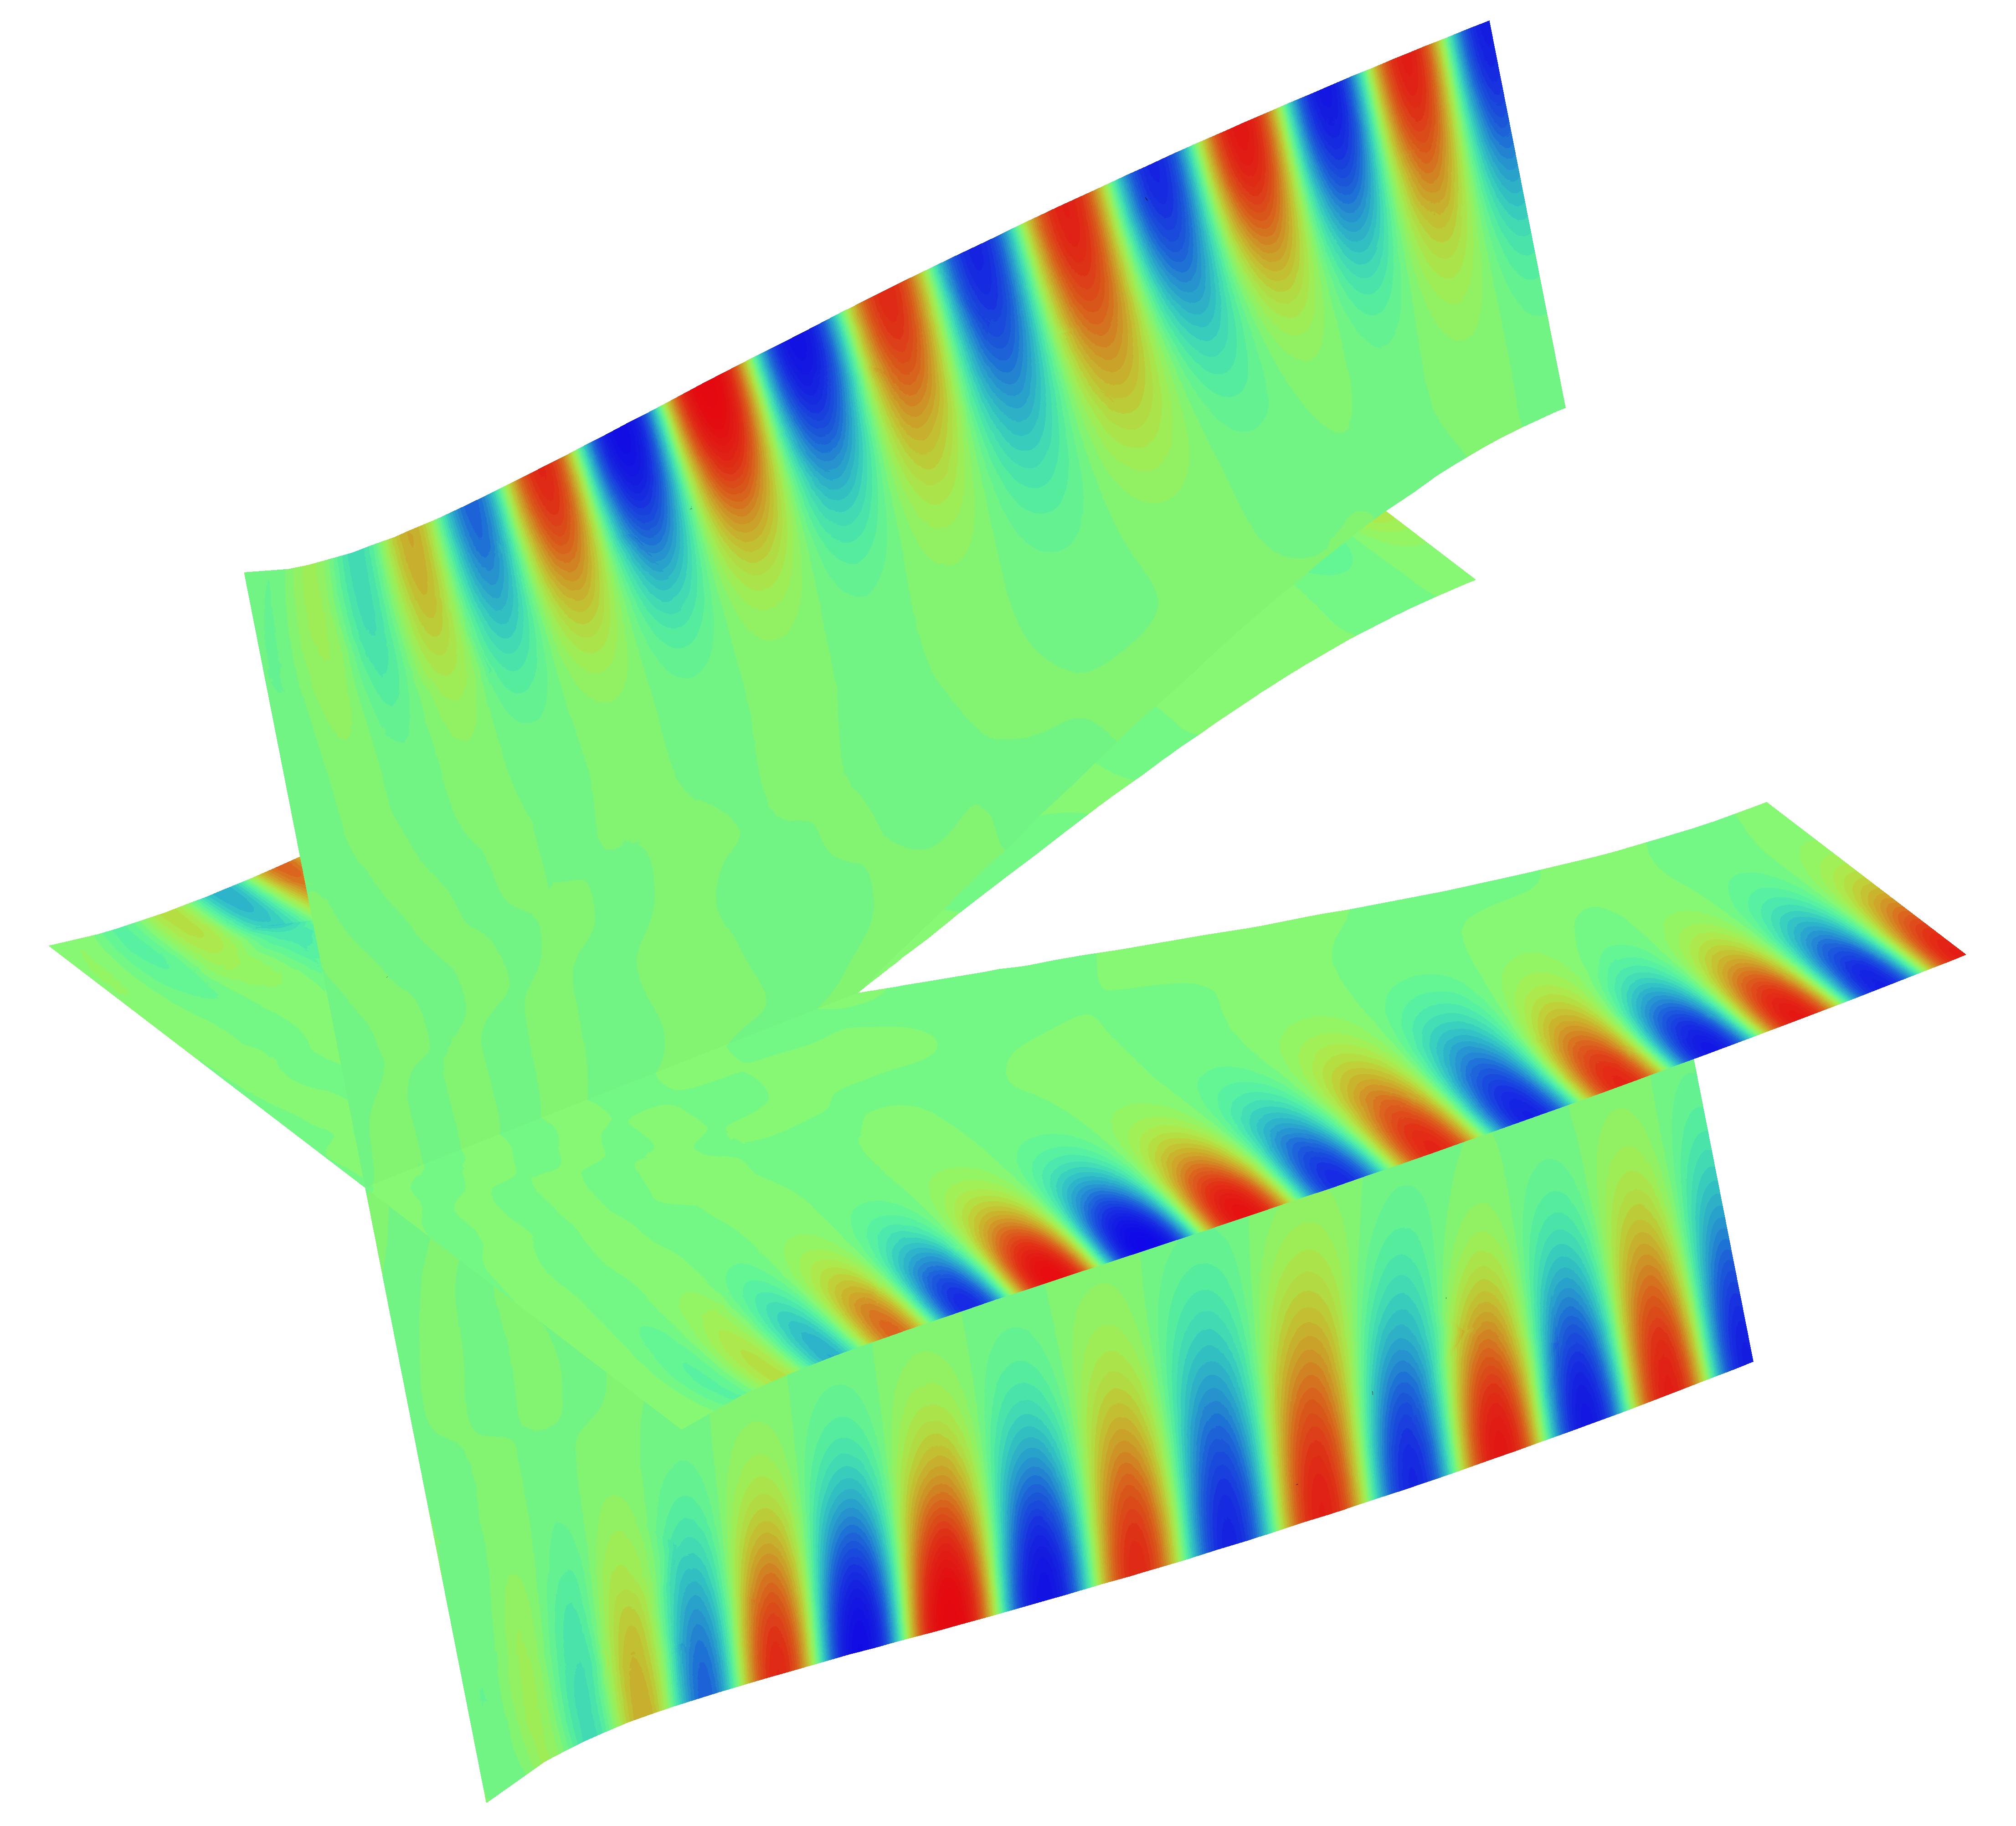 doc/csma2015/fig/dg/turbofan-mr.png